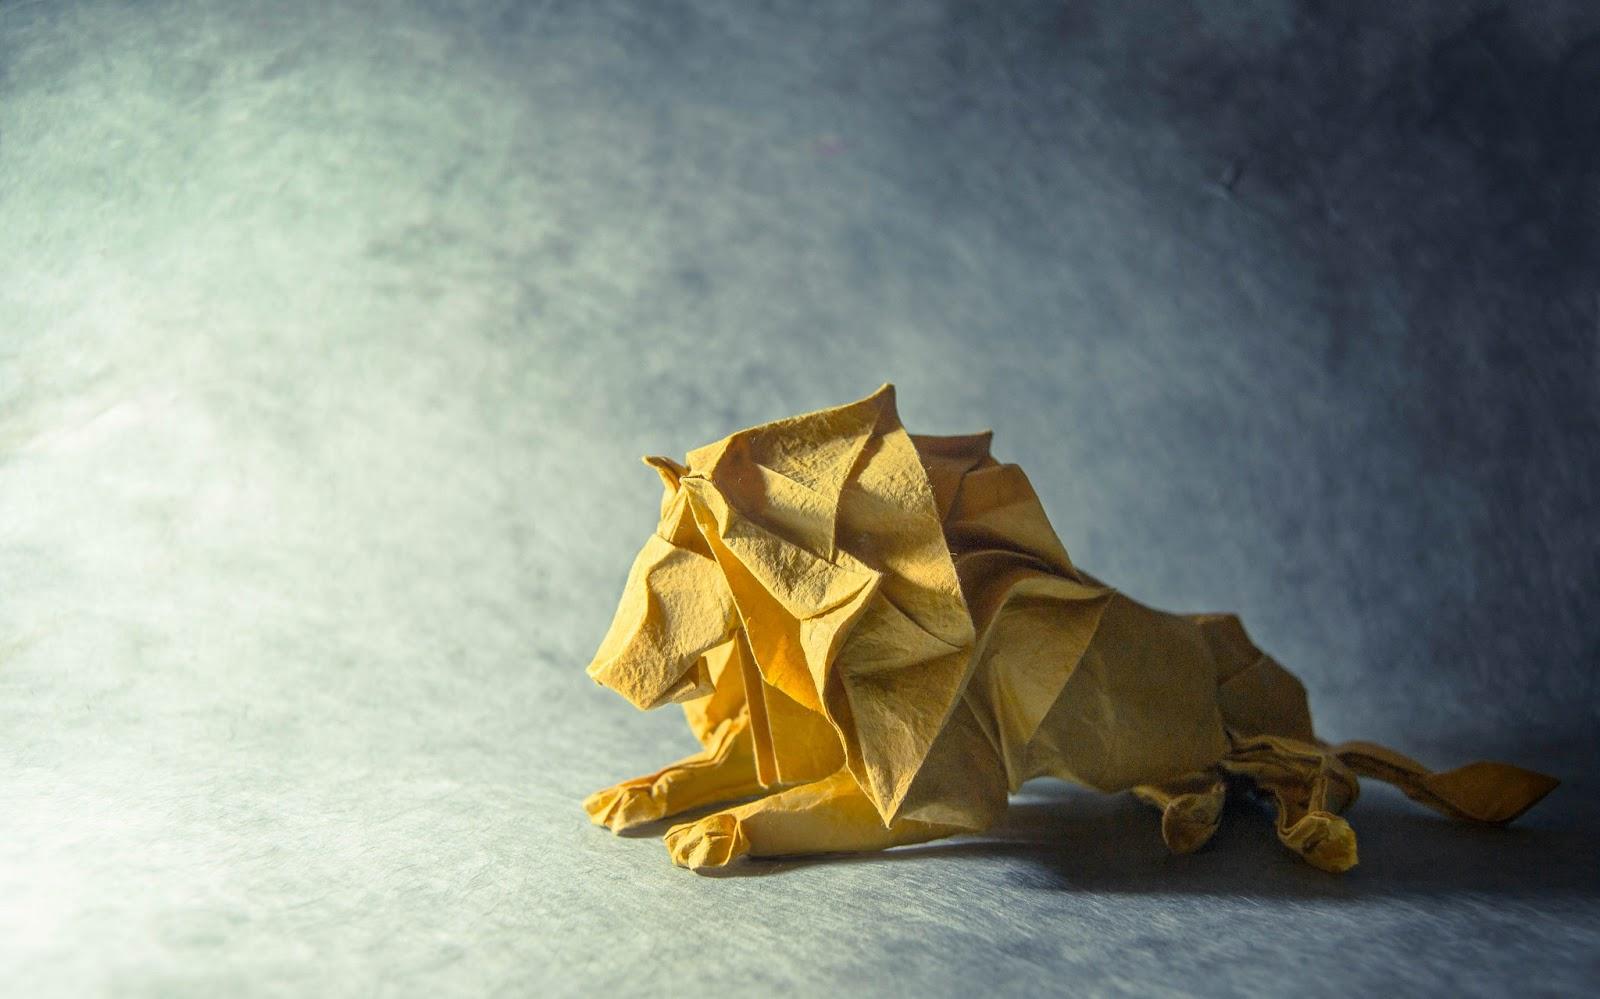 Gampang Ini Dia Pengertian Karya Seni Rupa 2 Dimensi Dan 3 Dimensi Beserta 20 Contoh Nya Dasaguru